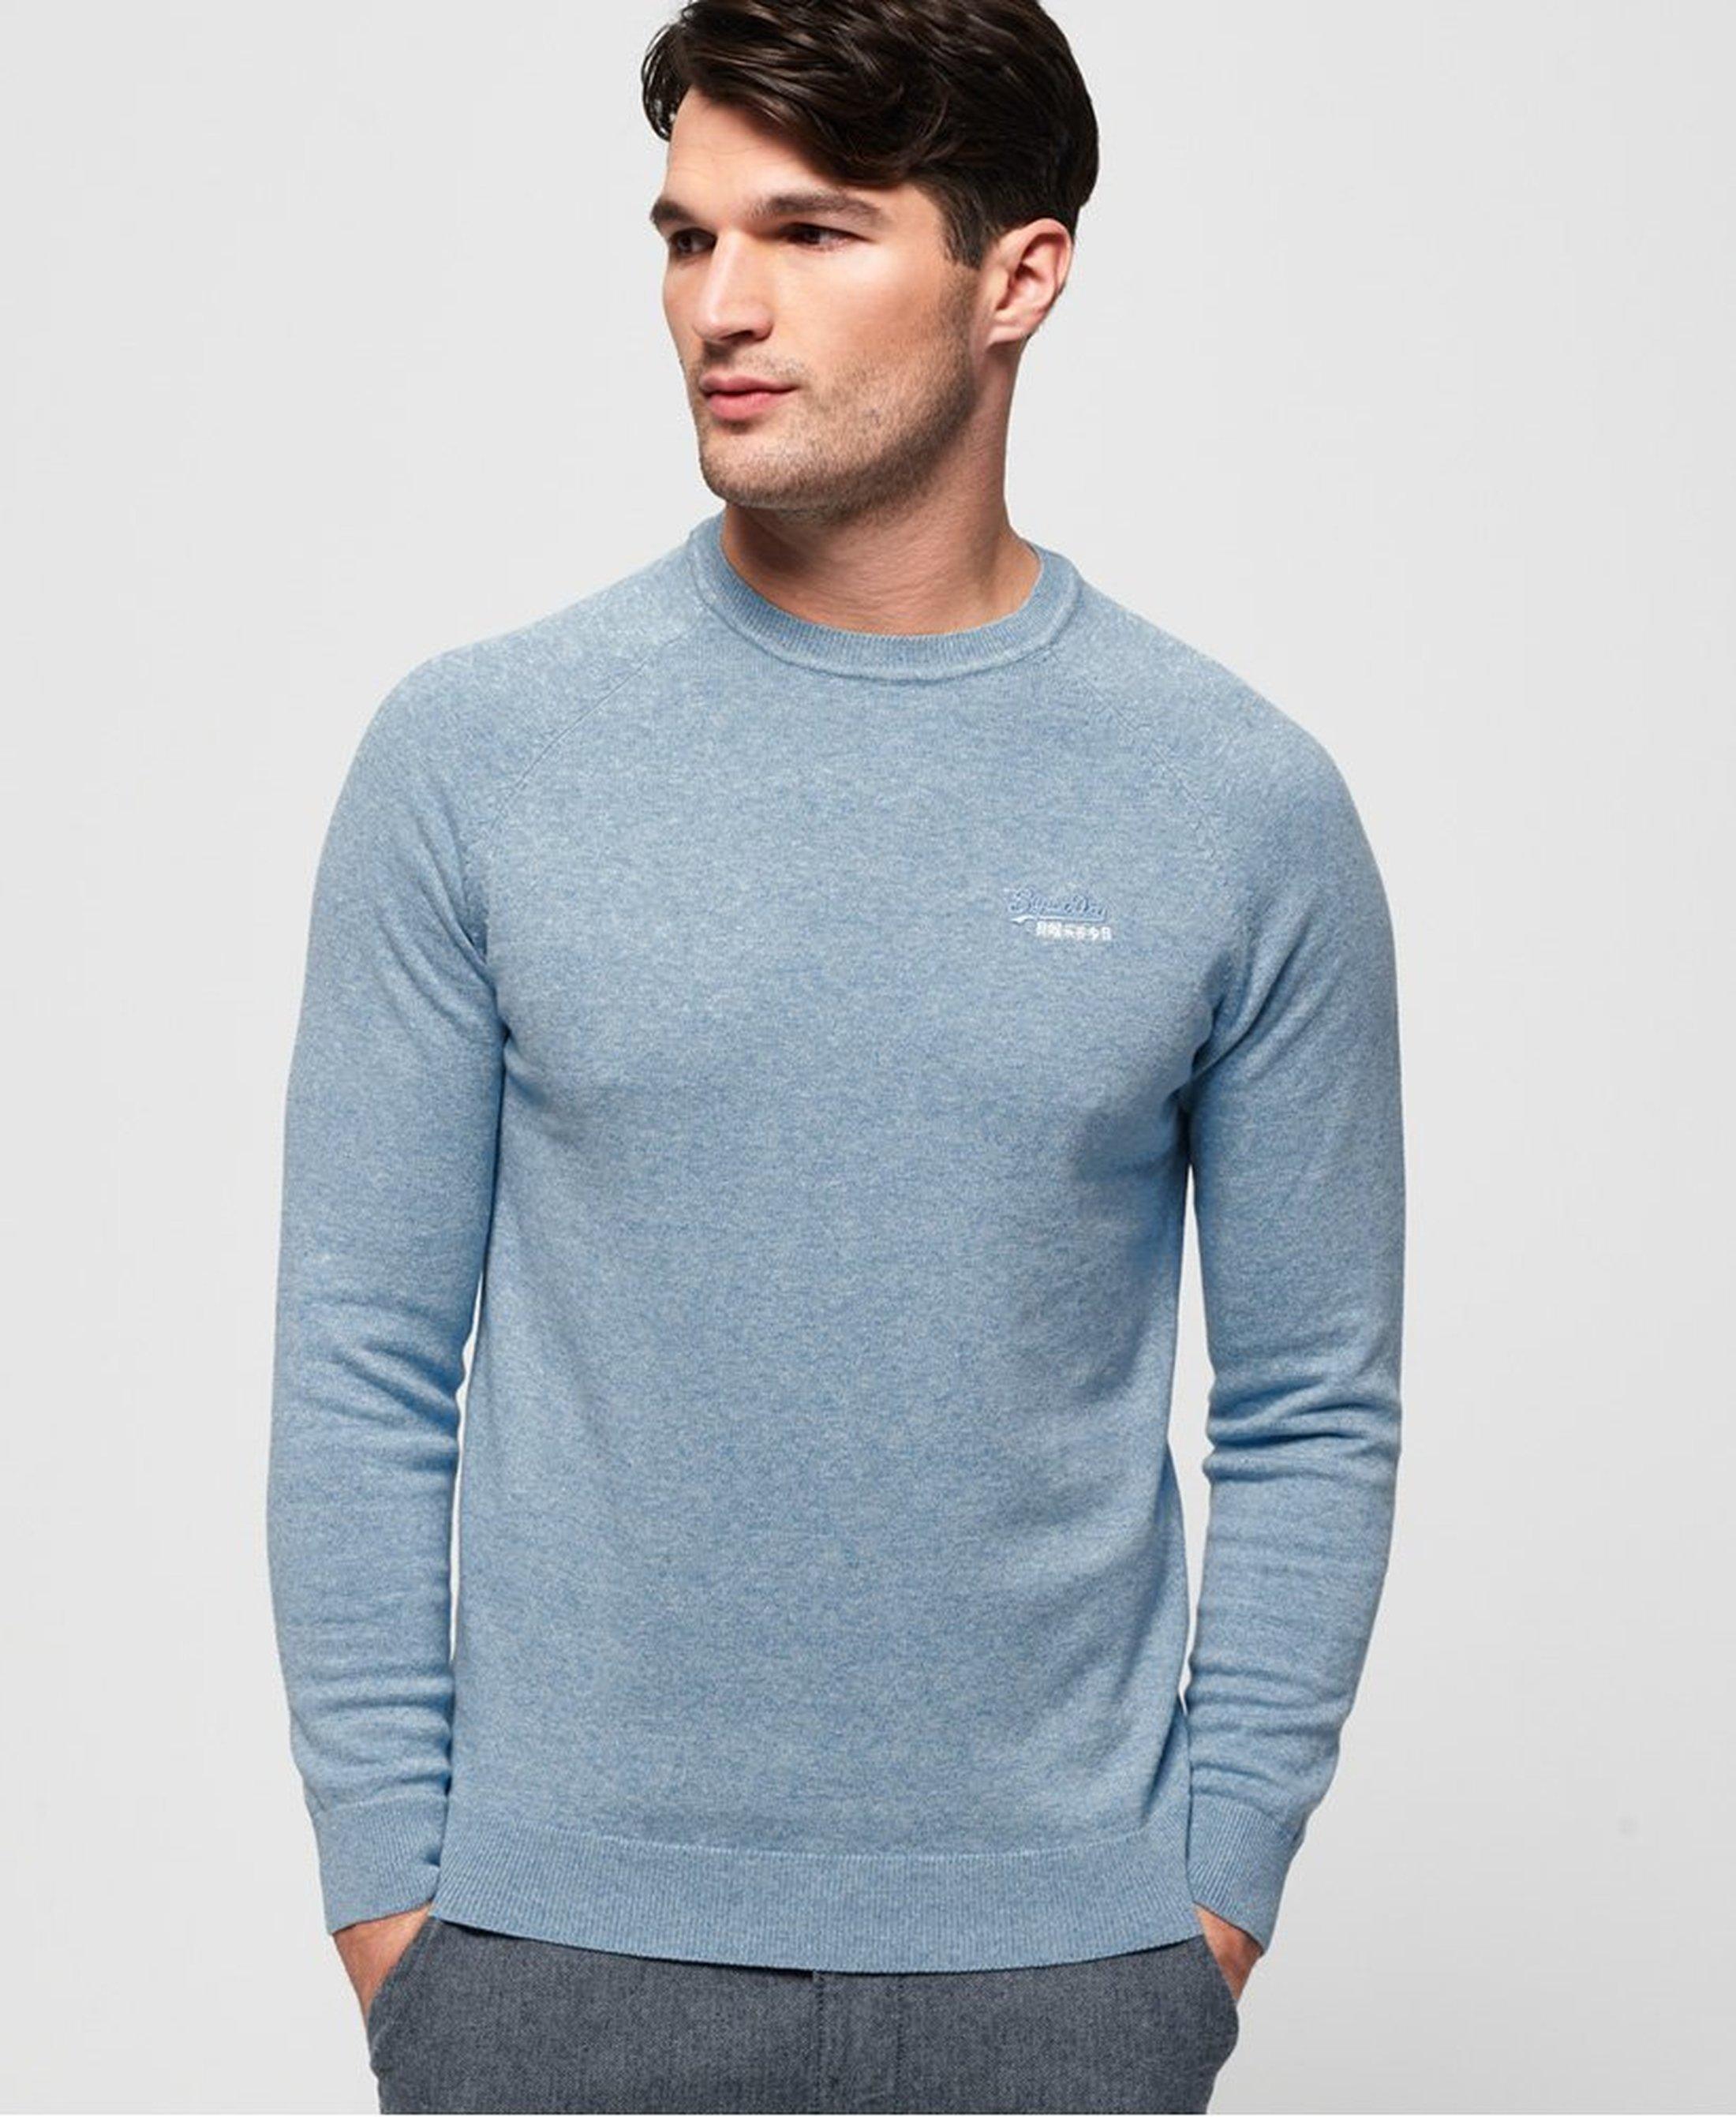 Superdry Pullover Melange Lichtblauw foto 3